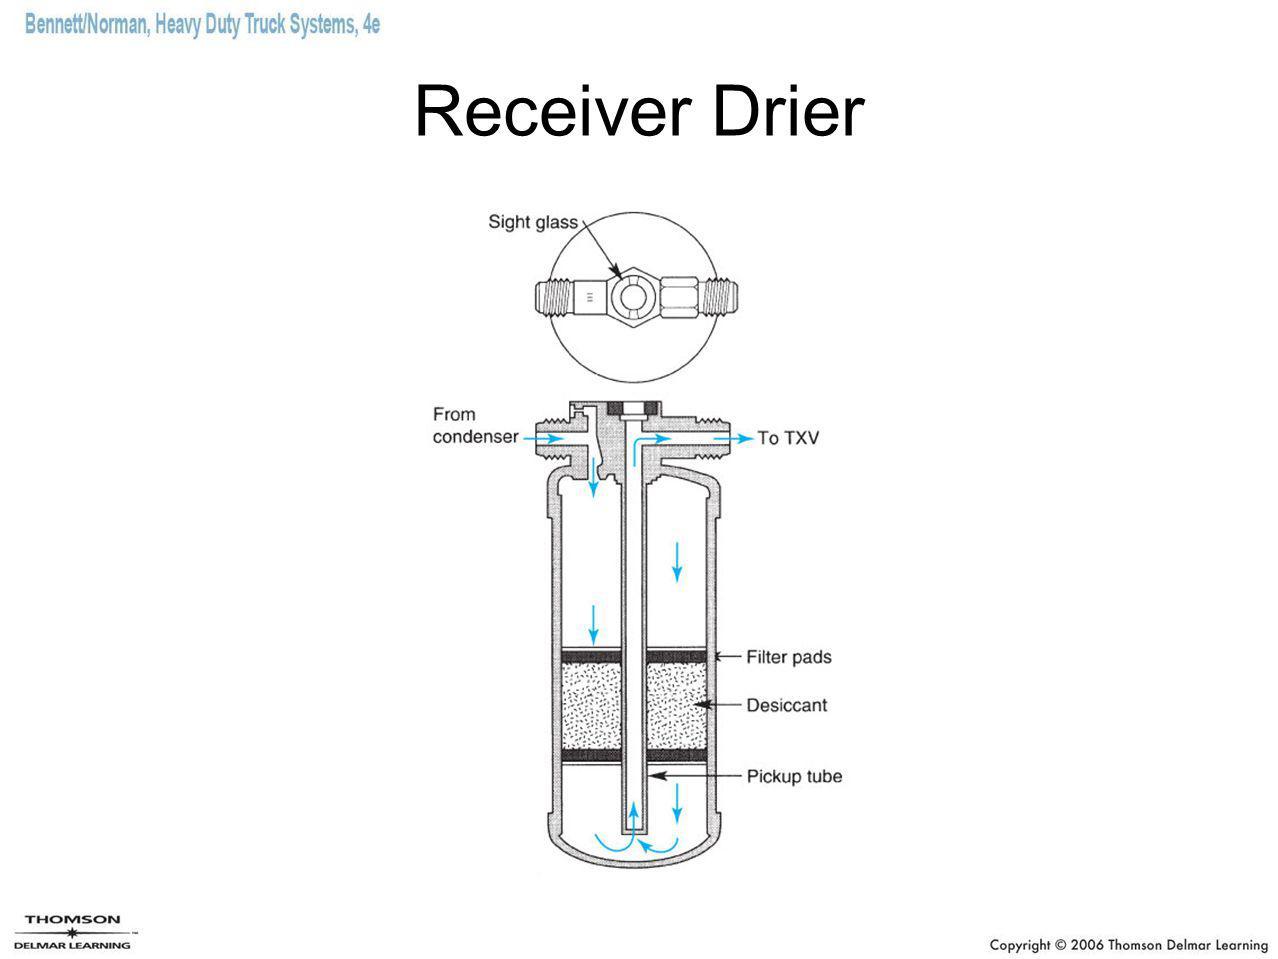 Receiver Drier